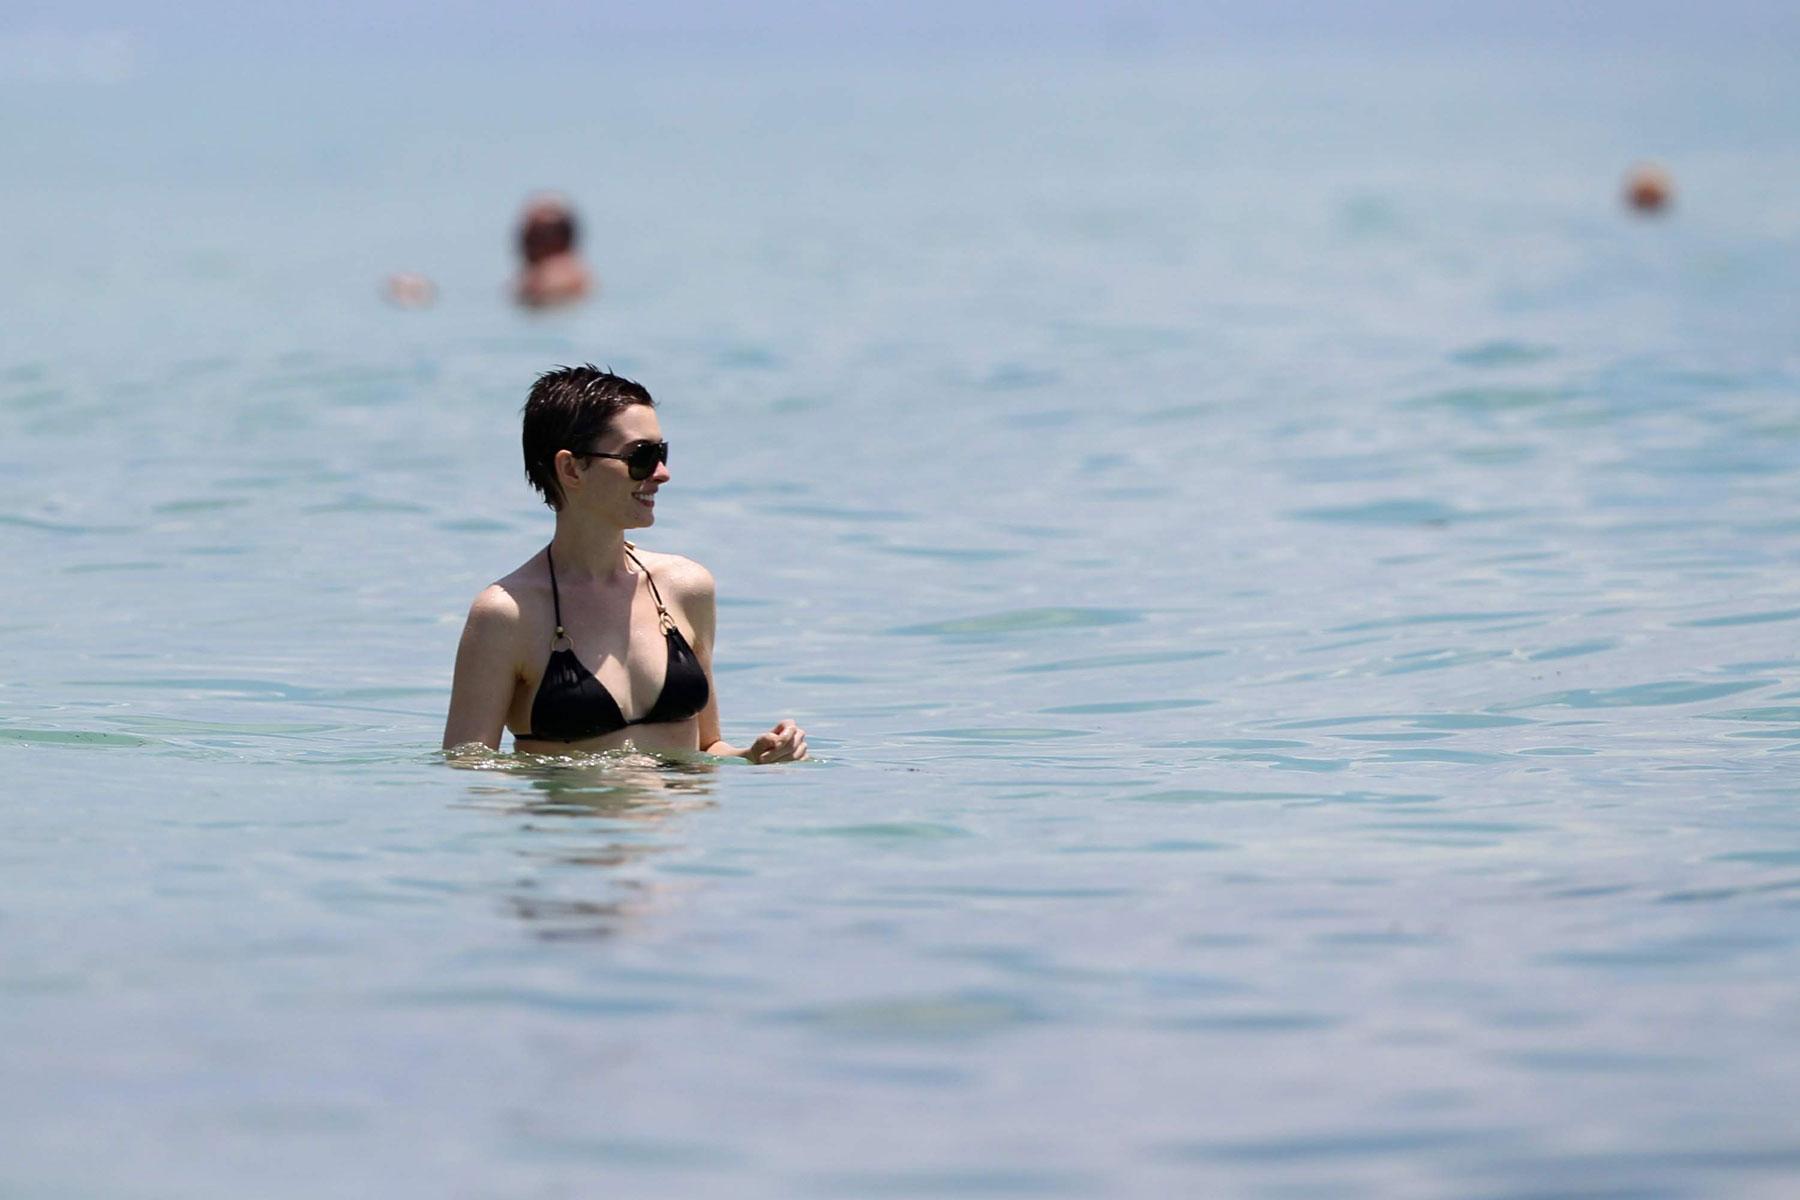 Энн хэтэуэй на пляже фото